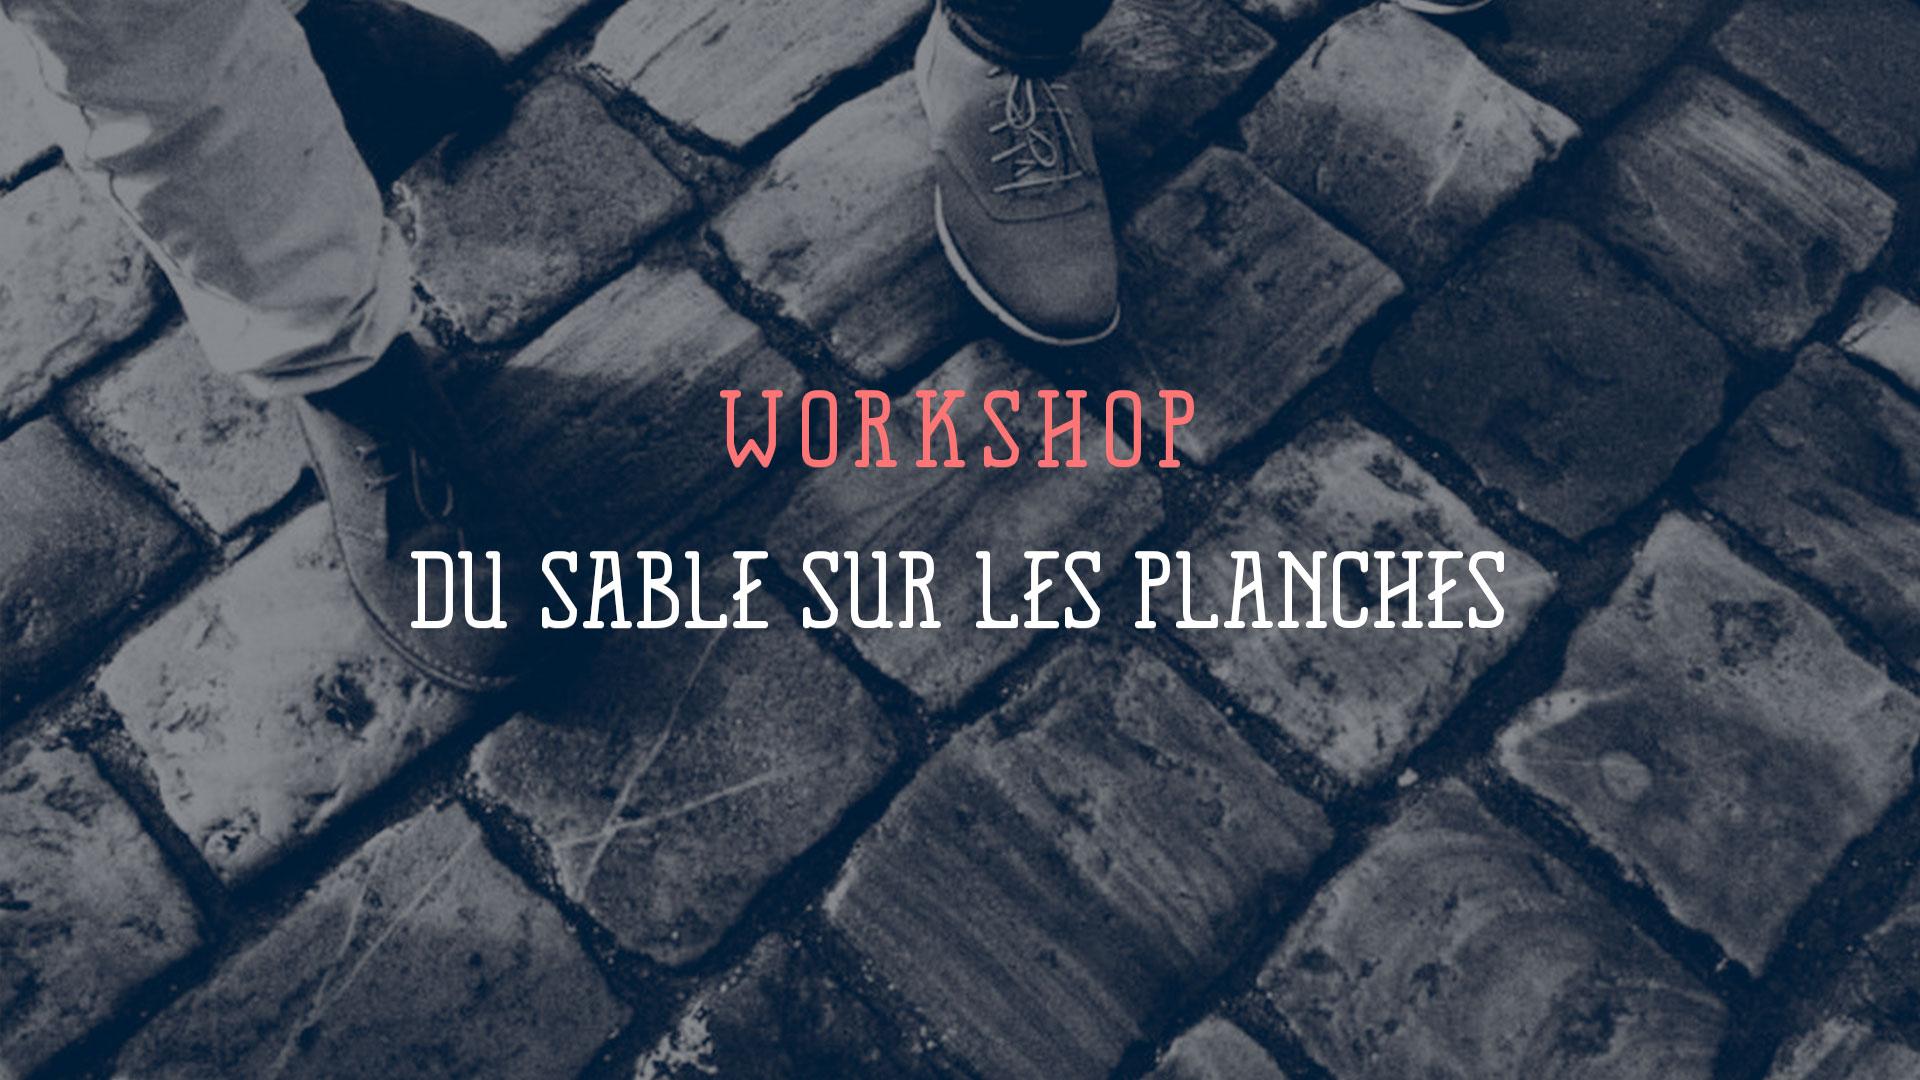 image couverture design sable sur les planches workshop